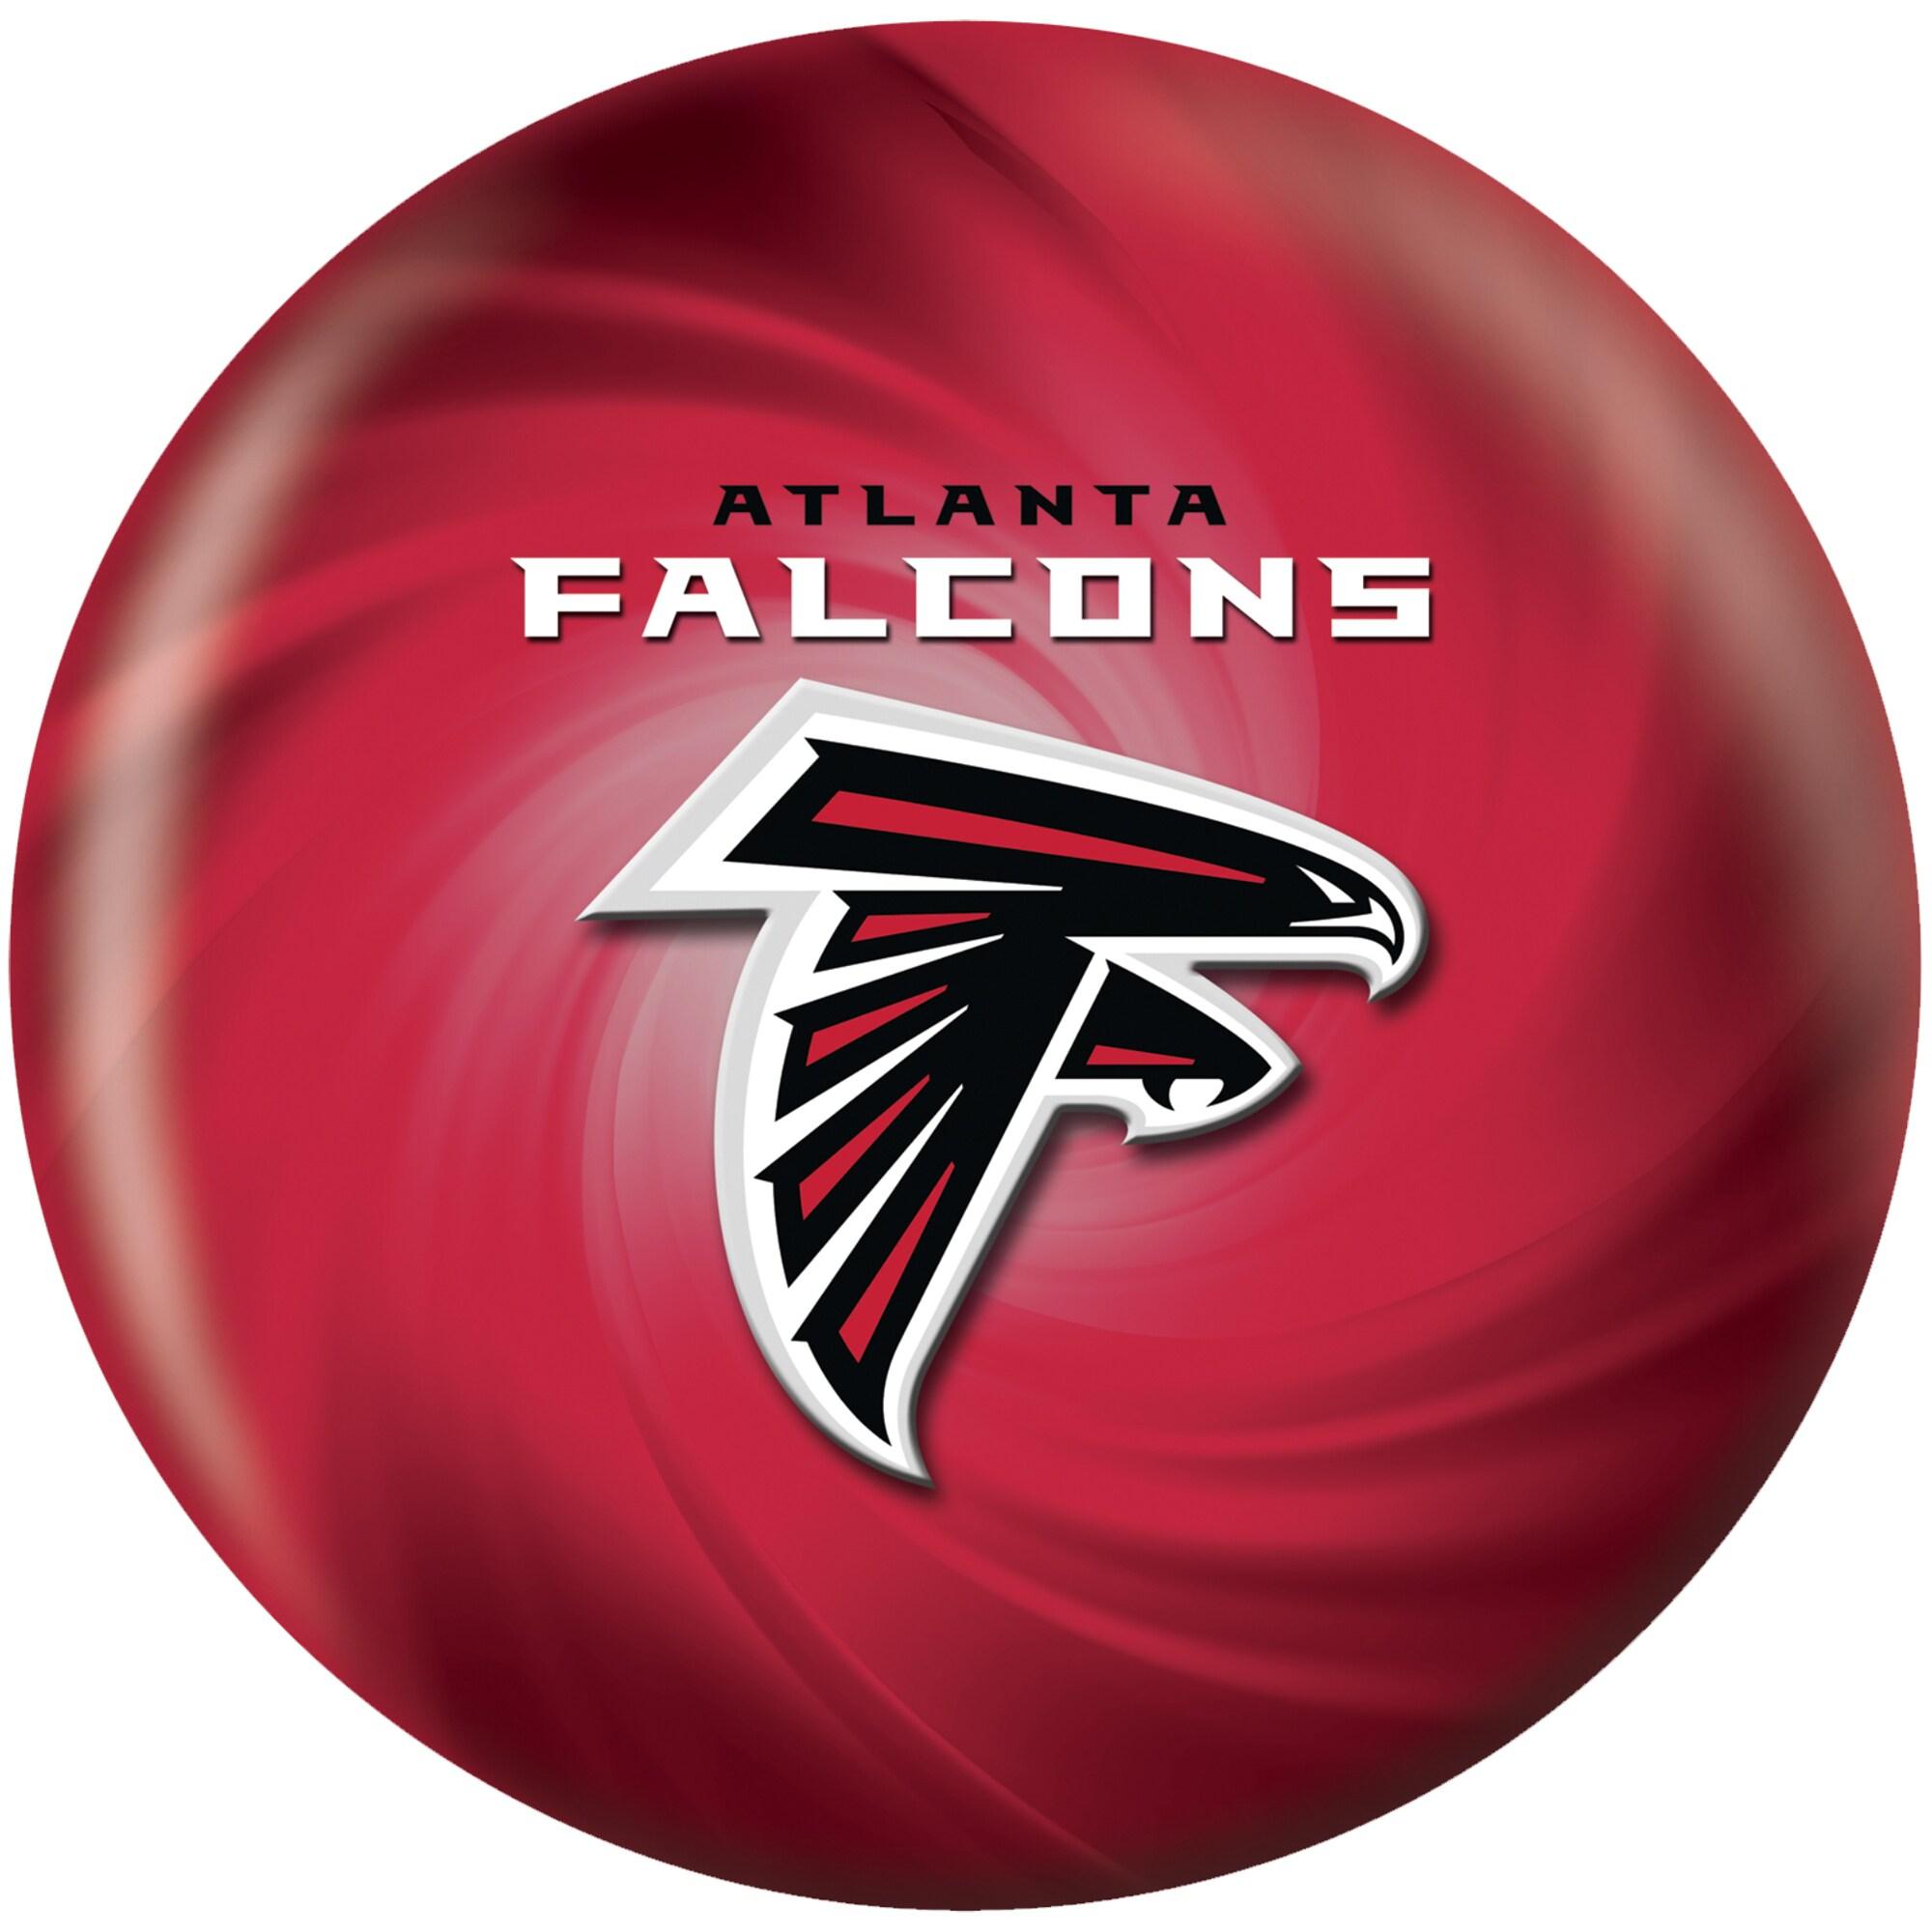 Atlanta Falcons Bowling Ball